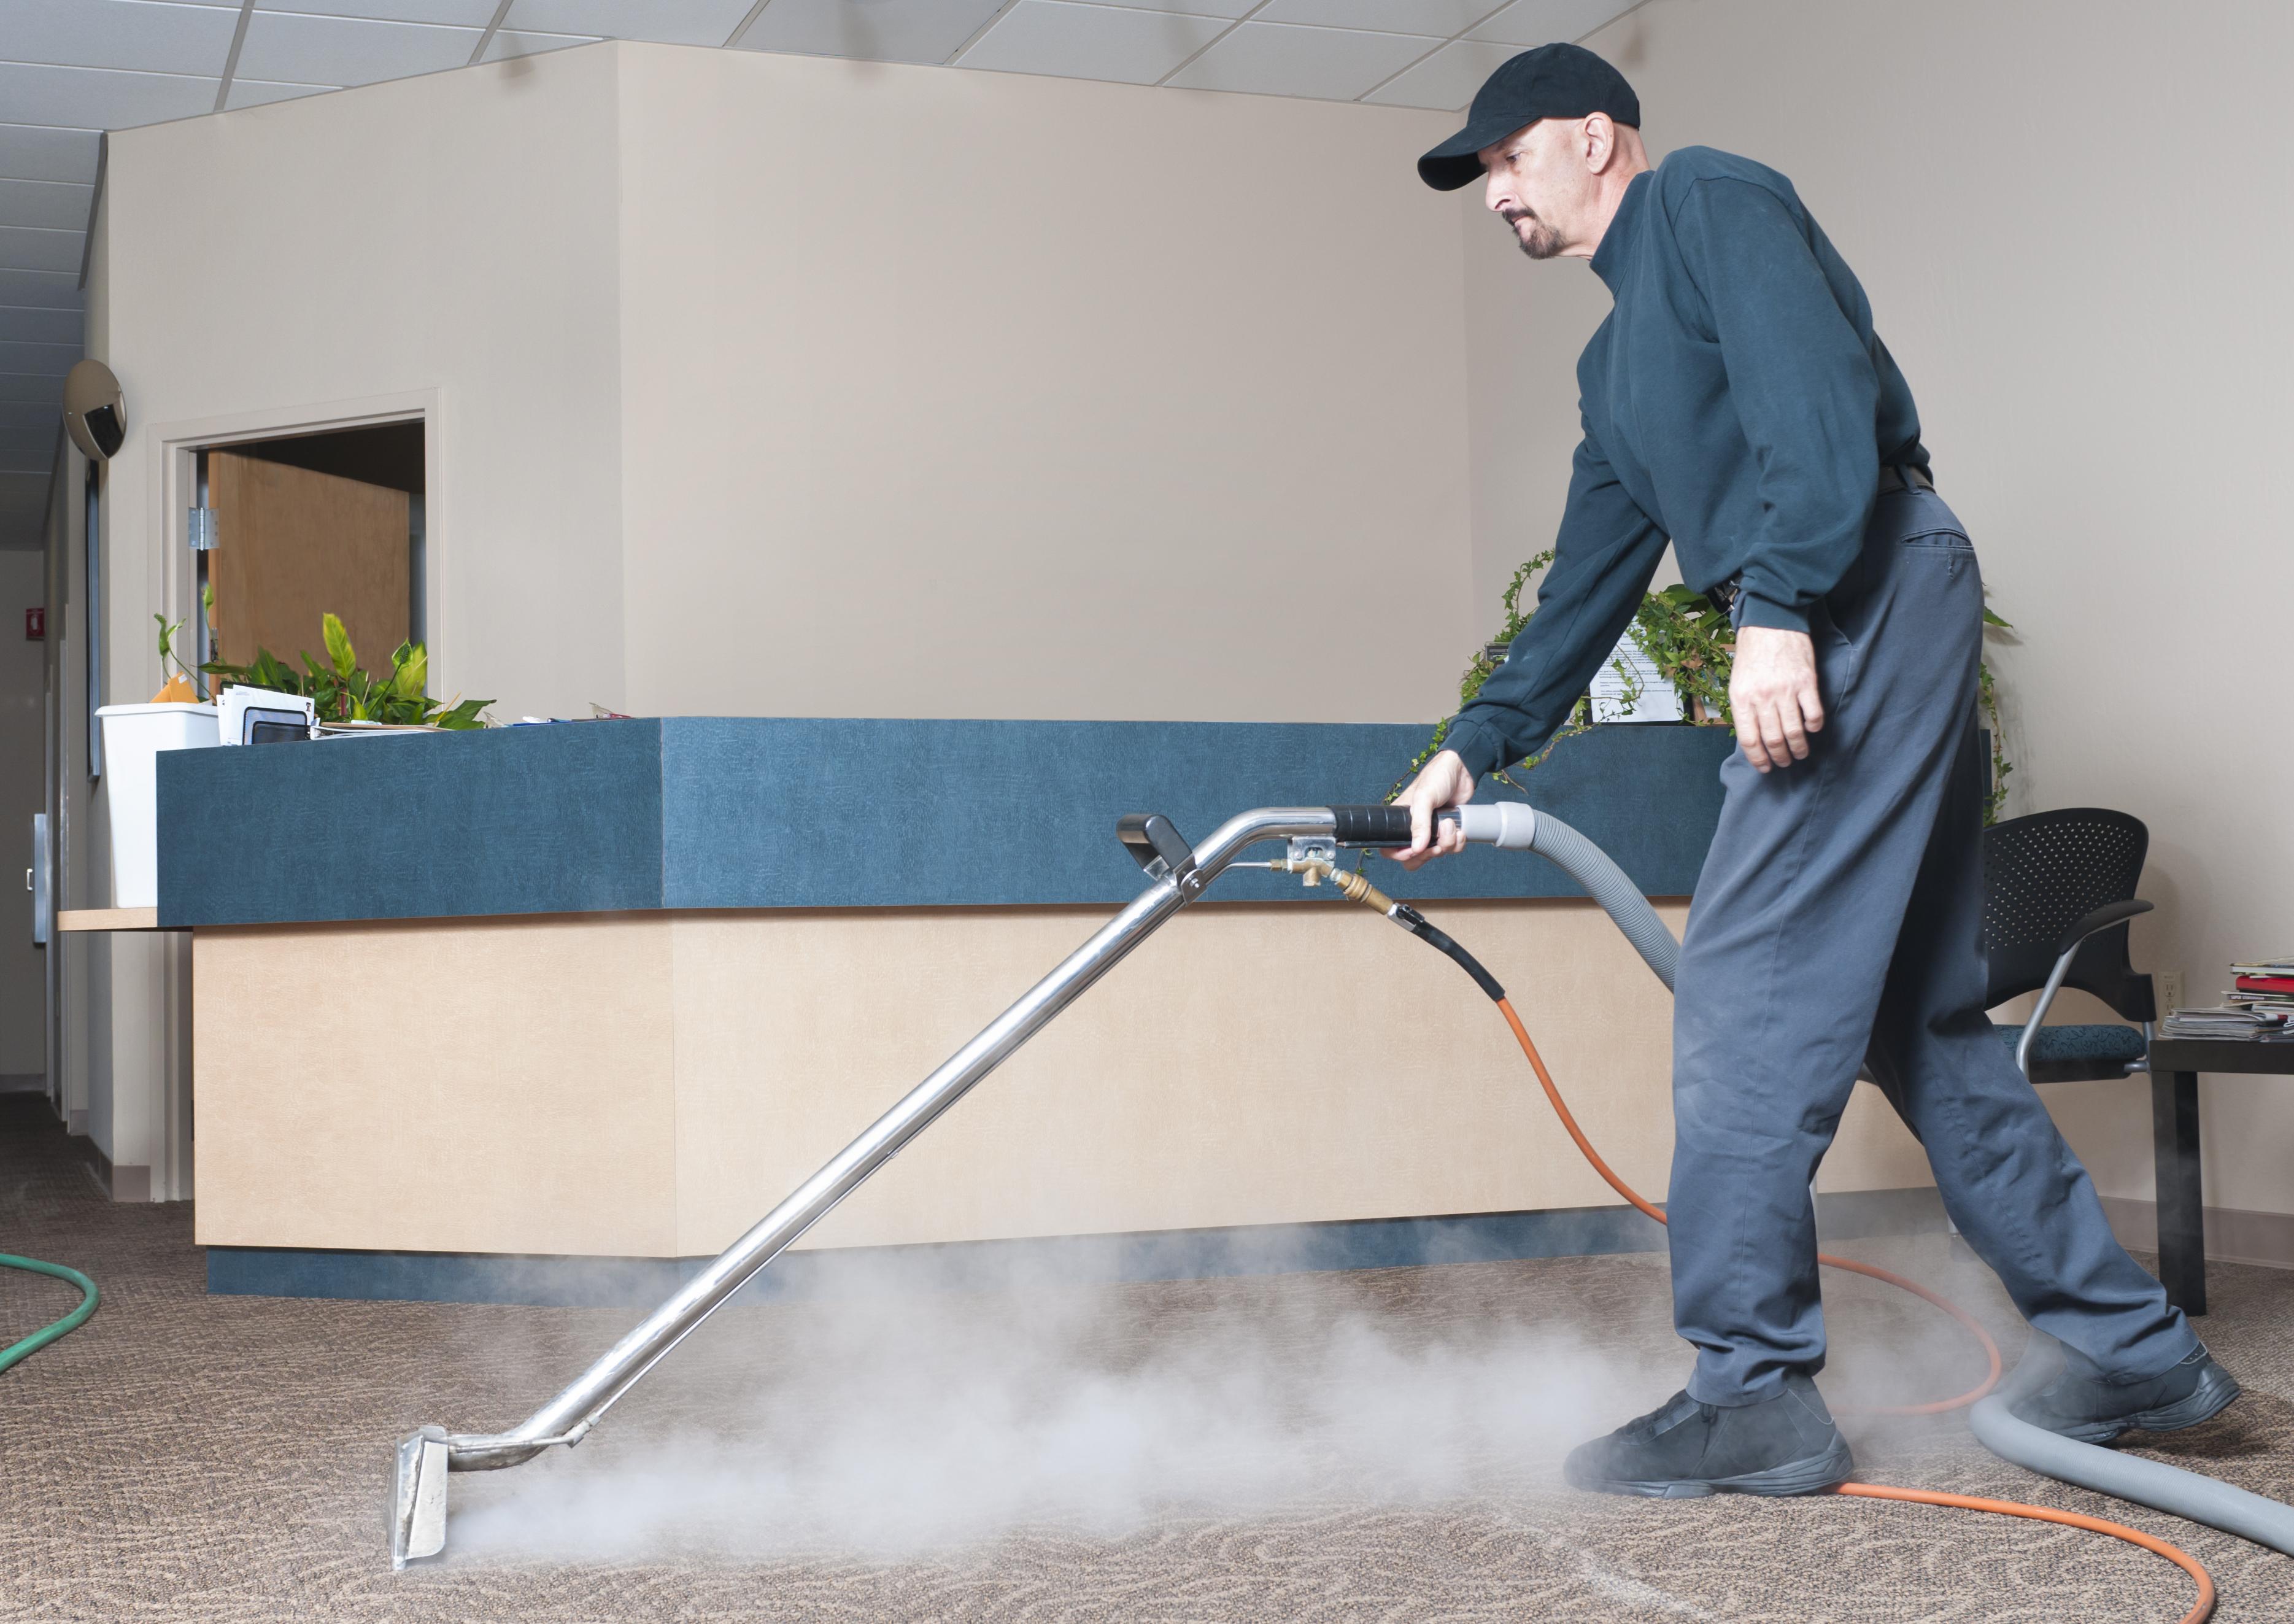 Foto 6 de Servicios de limpieza en Alcalá de Henares | Mayosy